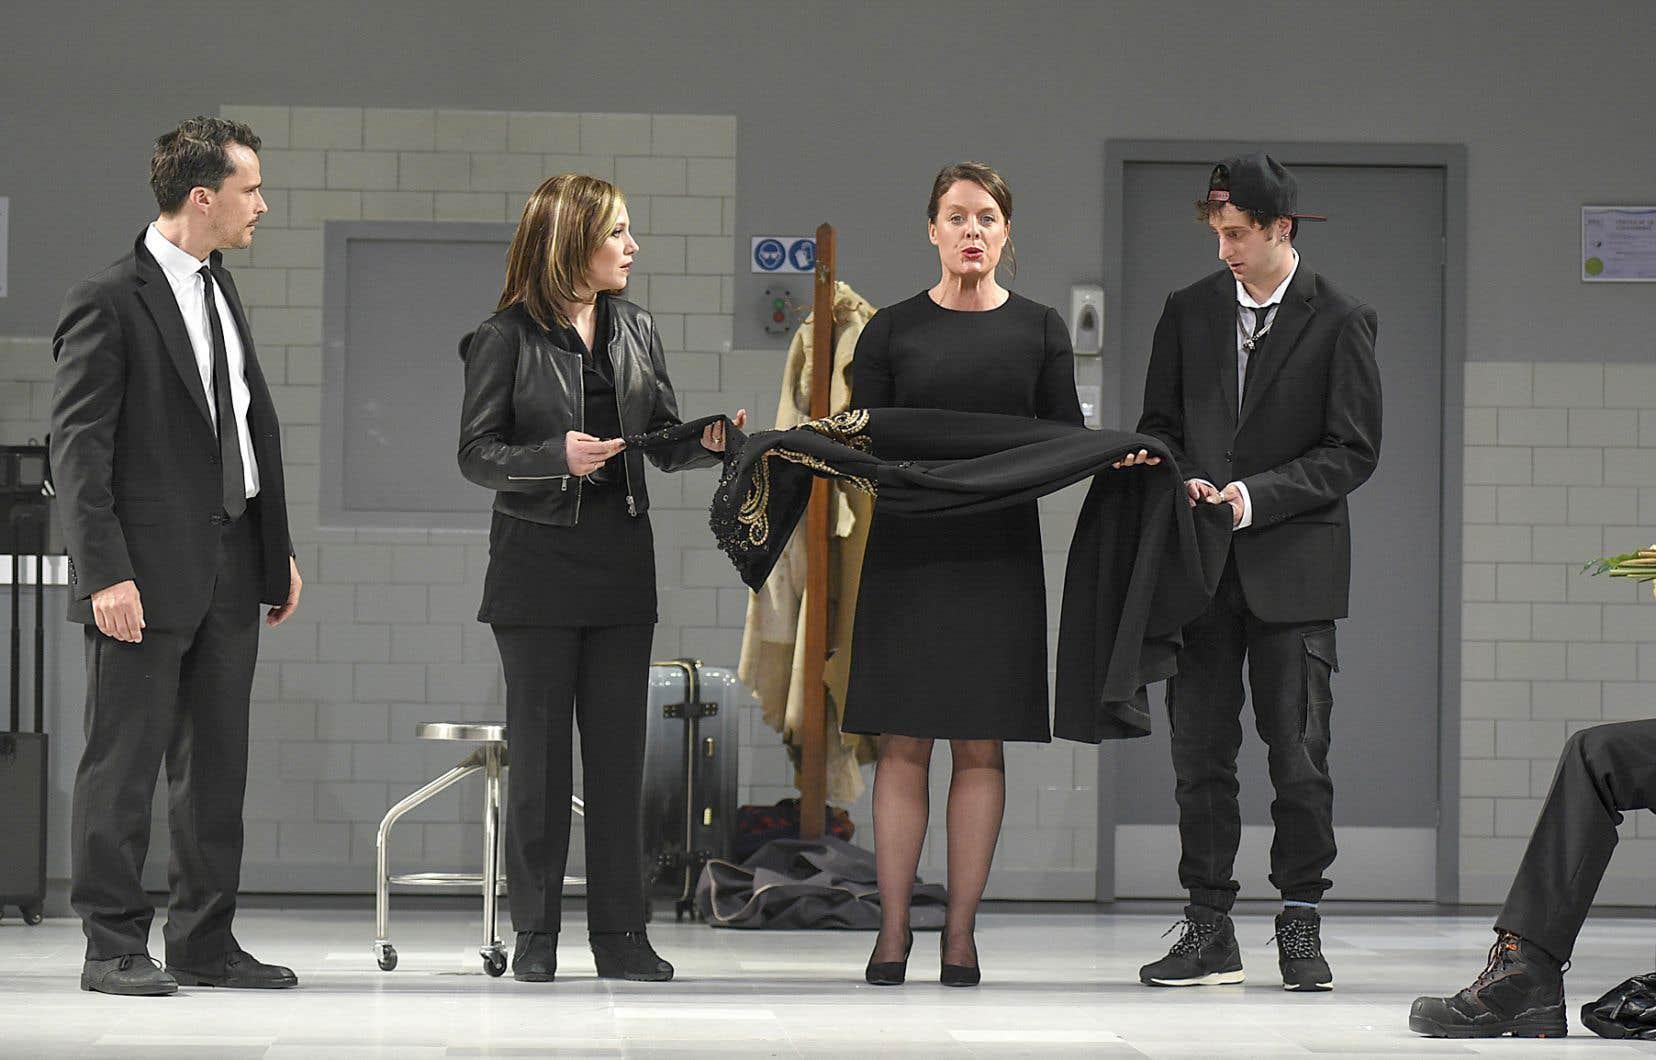 Quatre interprètes de la production théâtrale originale, Patrick Hivon, Magalie Lépine-Blondeau, Julie Le Breton et Éric Bruneau, seront aussi de l'adaptation.